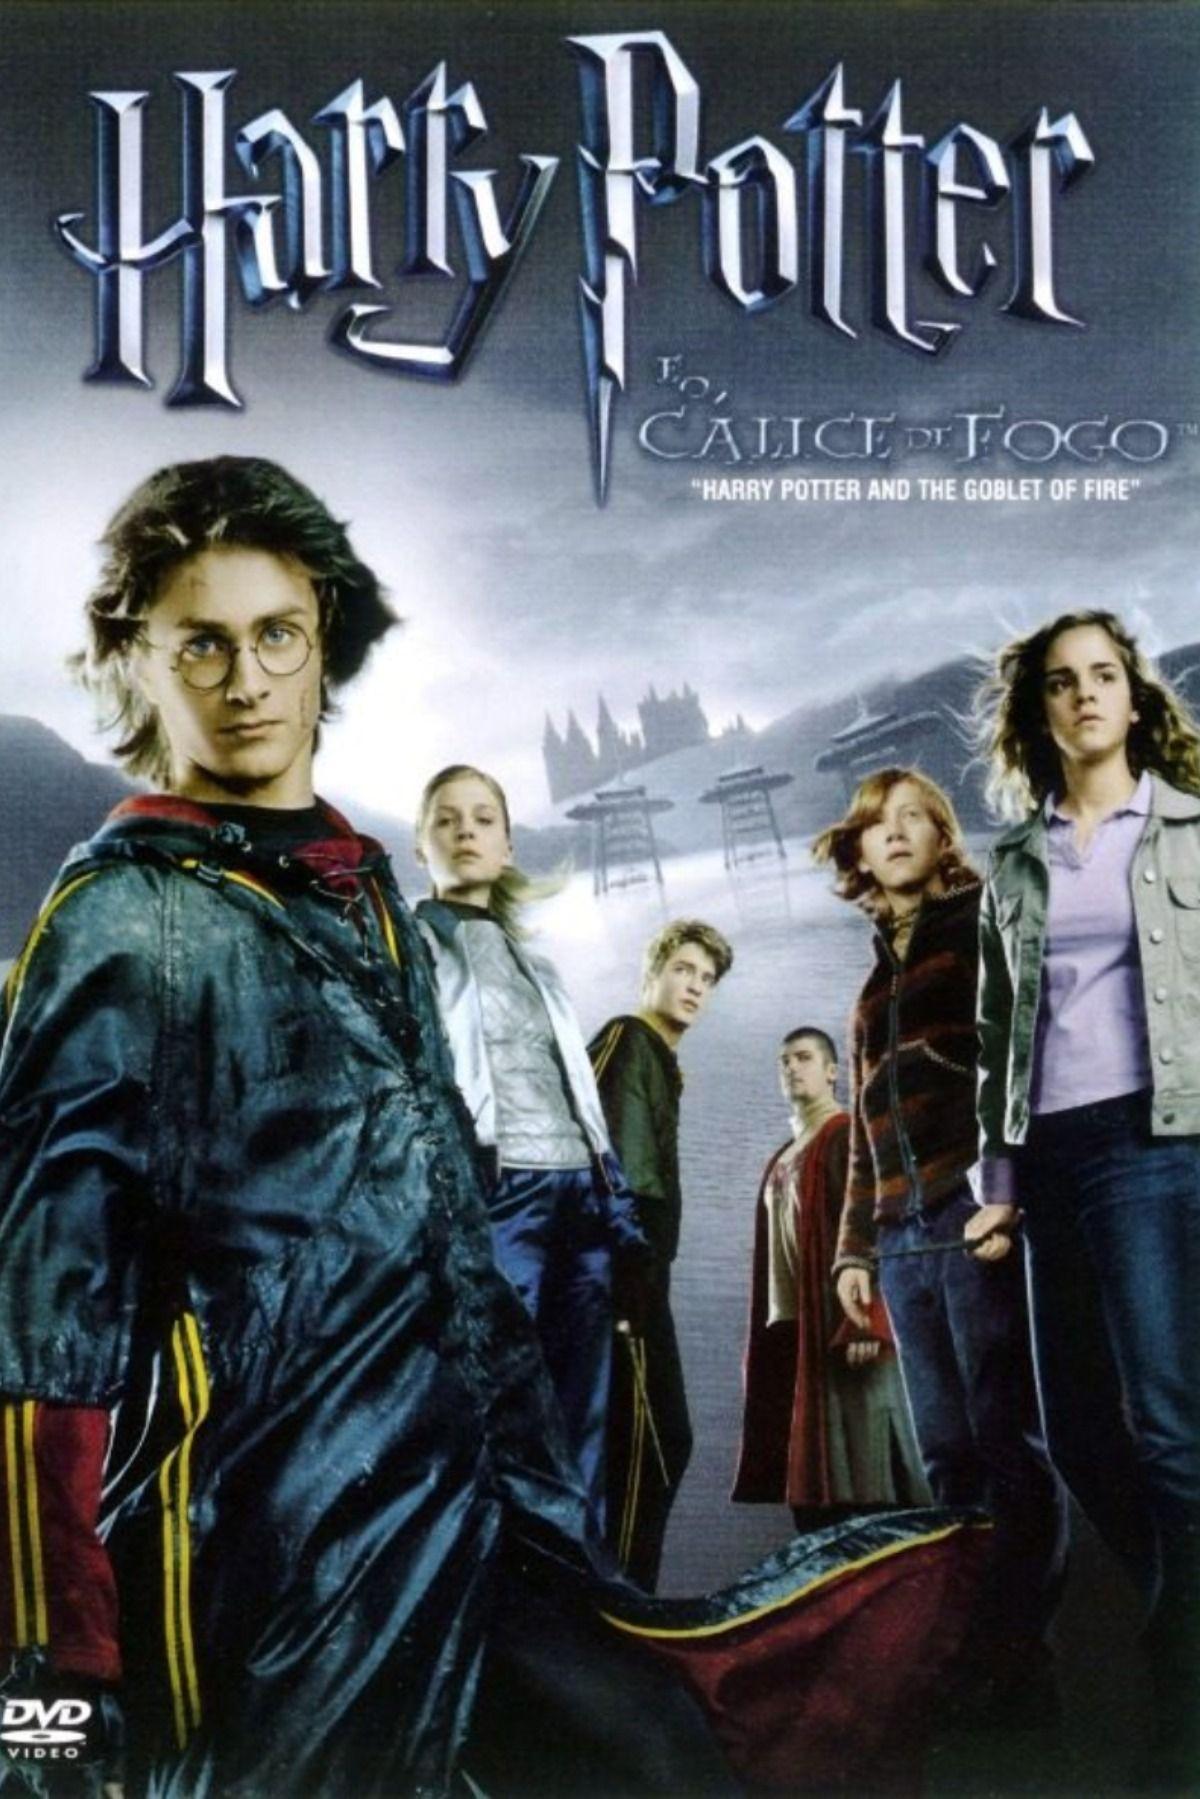 Harry Potter E O Cálice De Fogo Assistir Filmes Gratis Dublado Assistir Filmes Grátis Filmes Hd